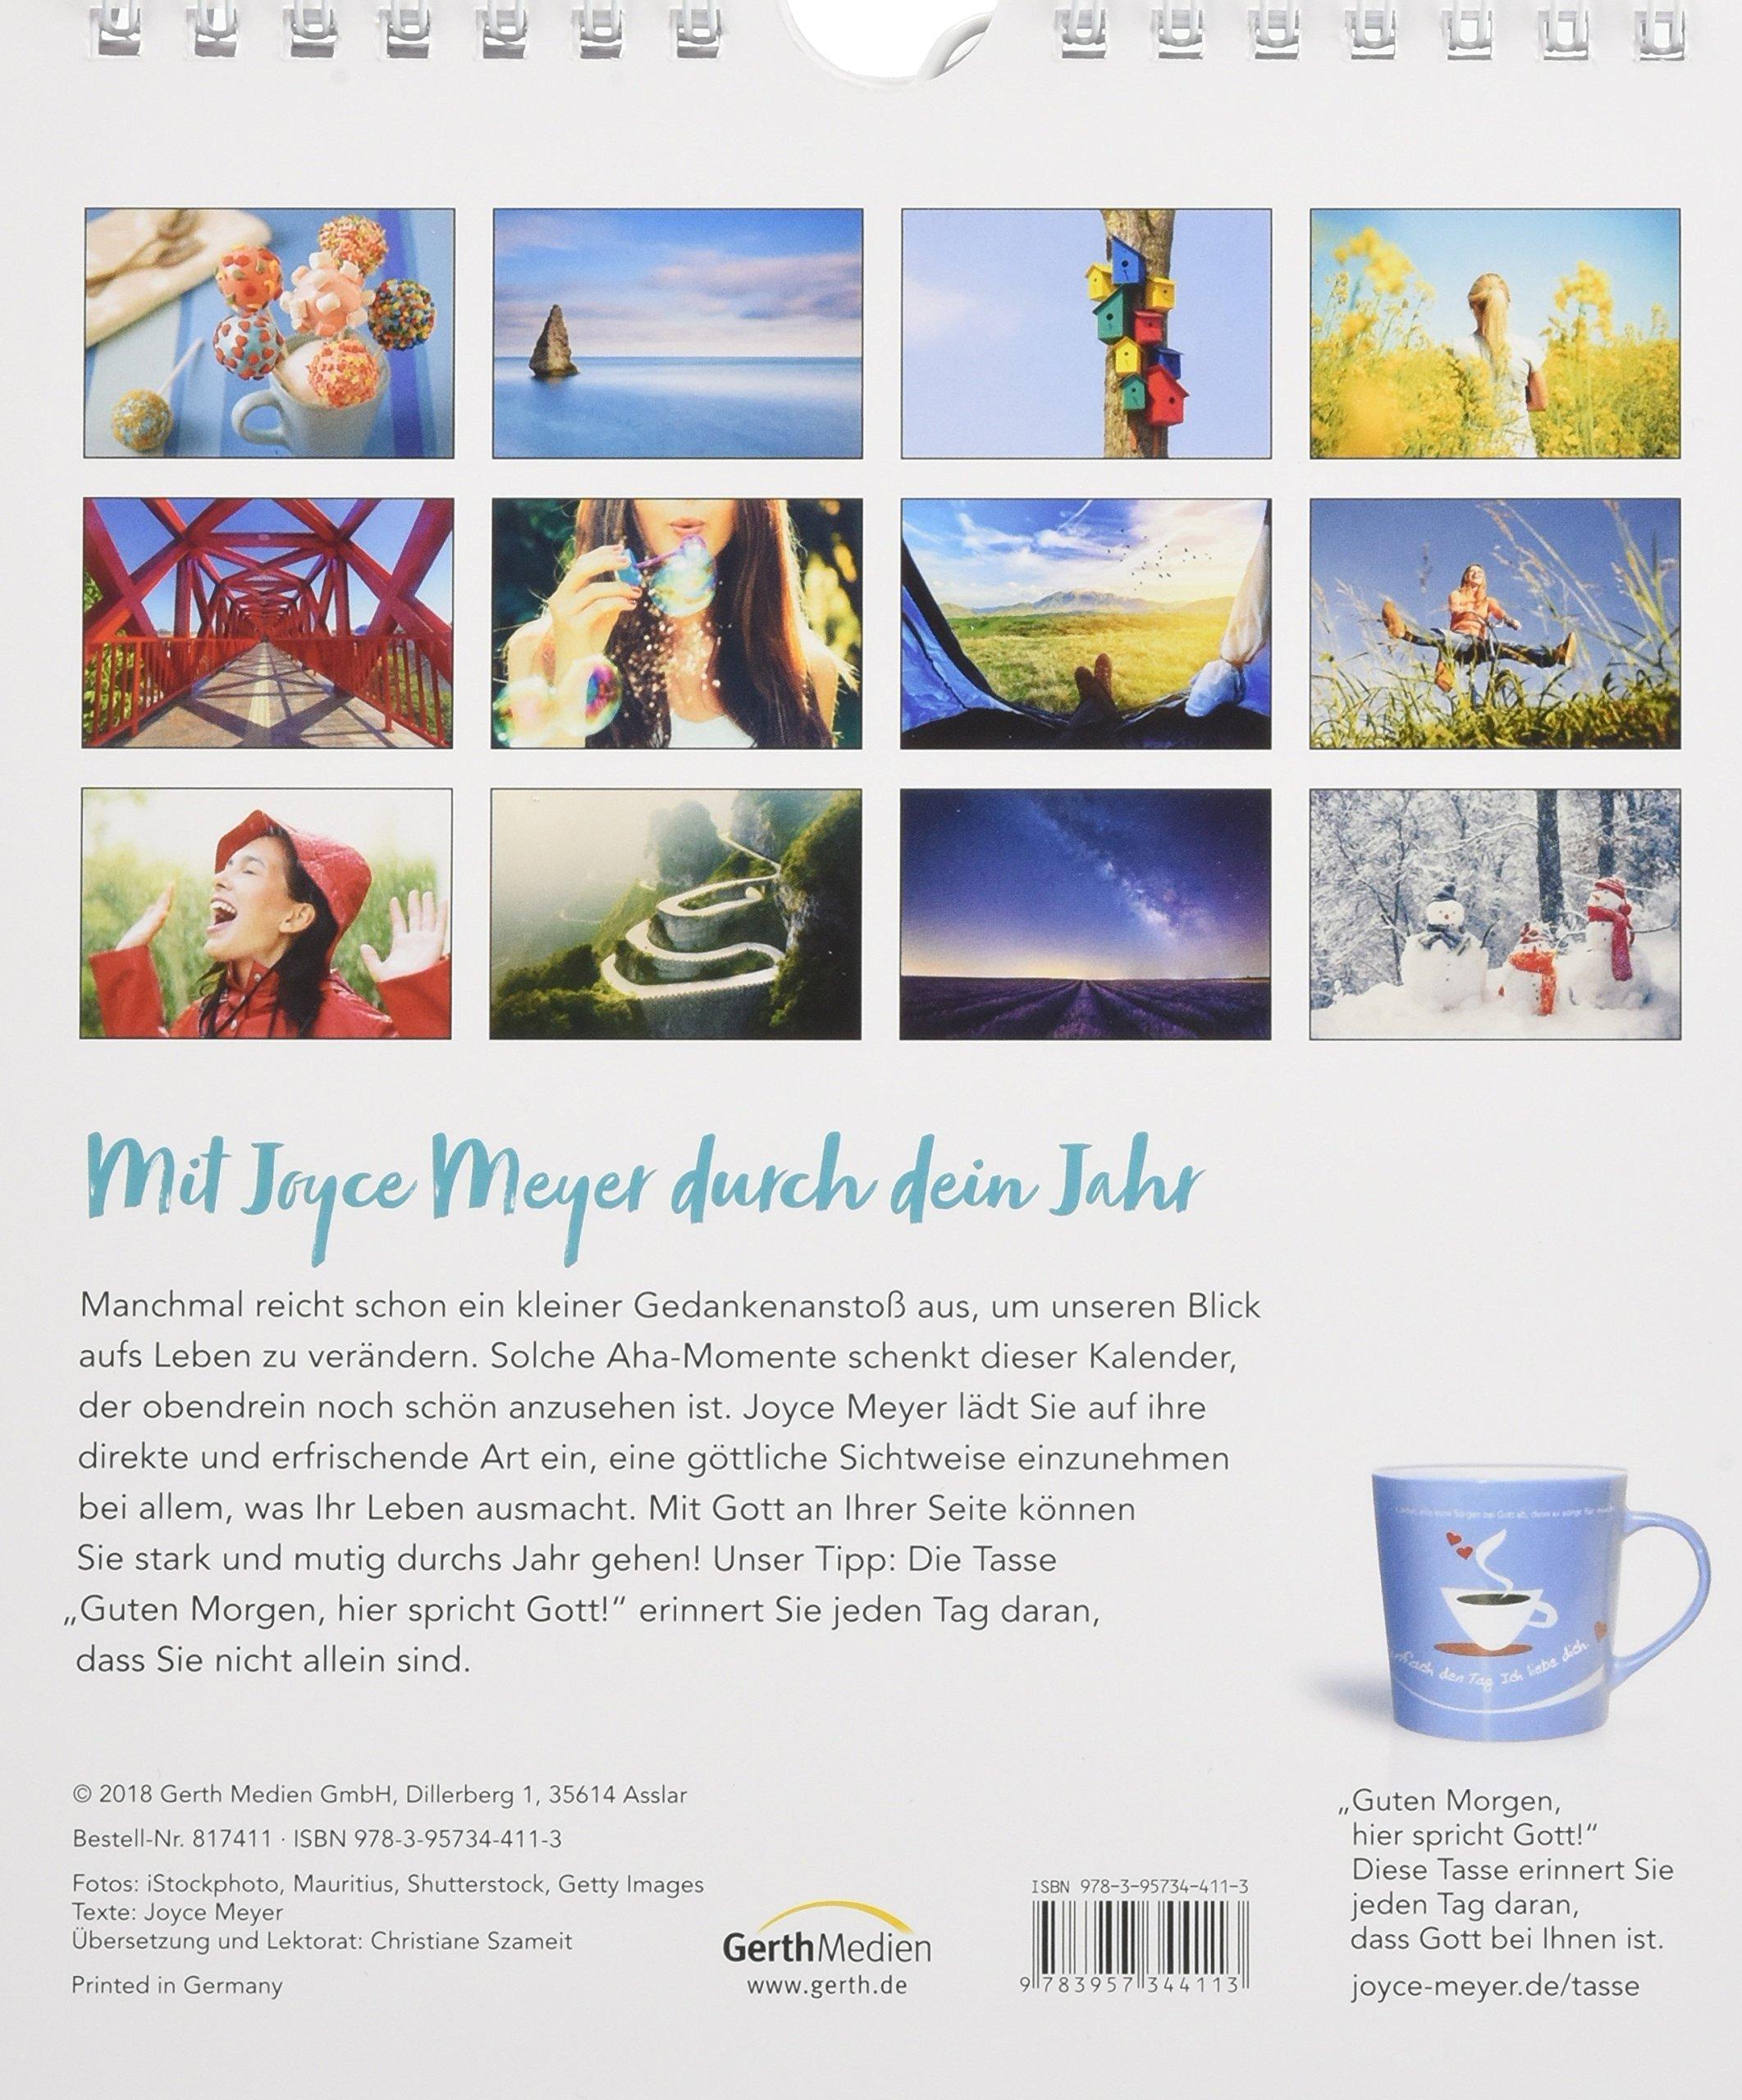 Stark Und Mutig Durch Dein Jahr 2019 Postkartenkalender